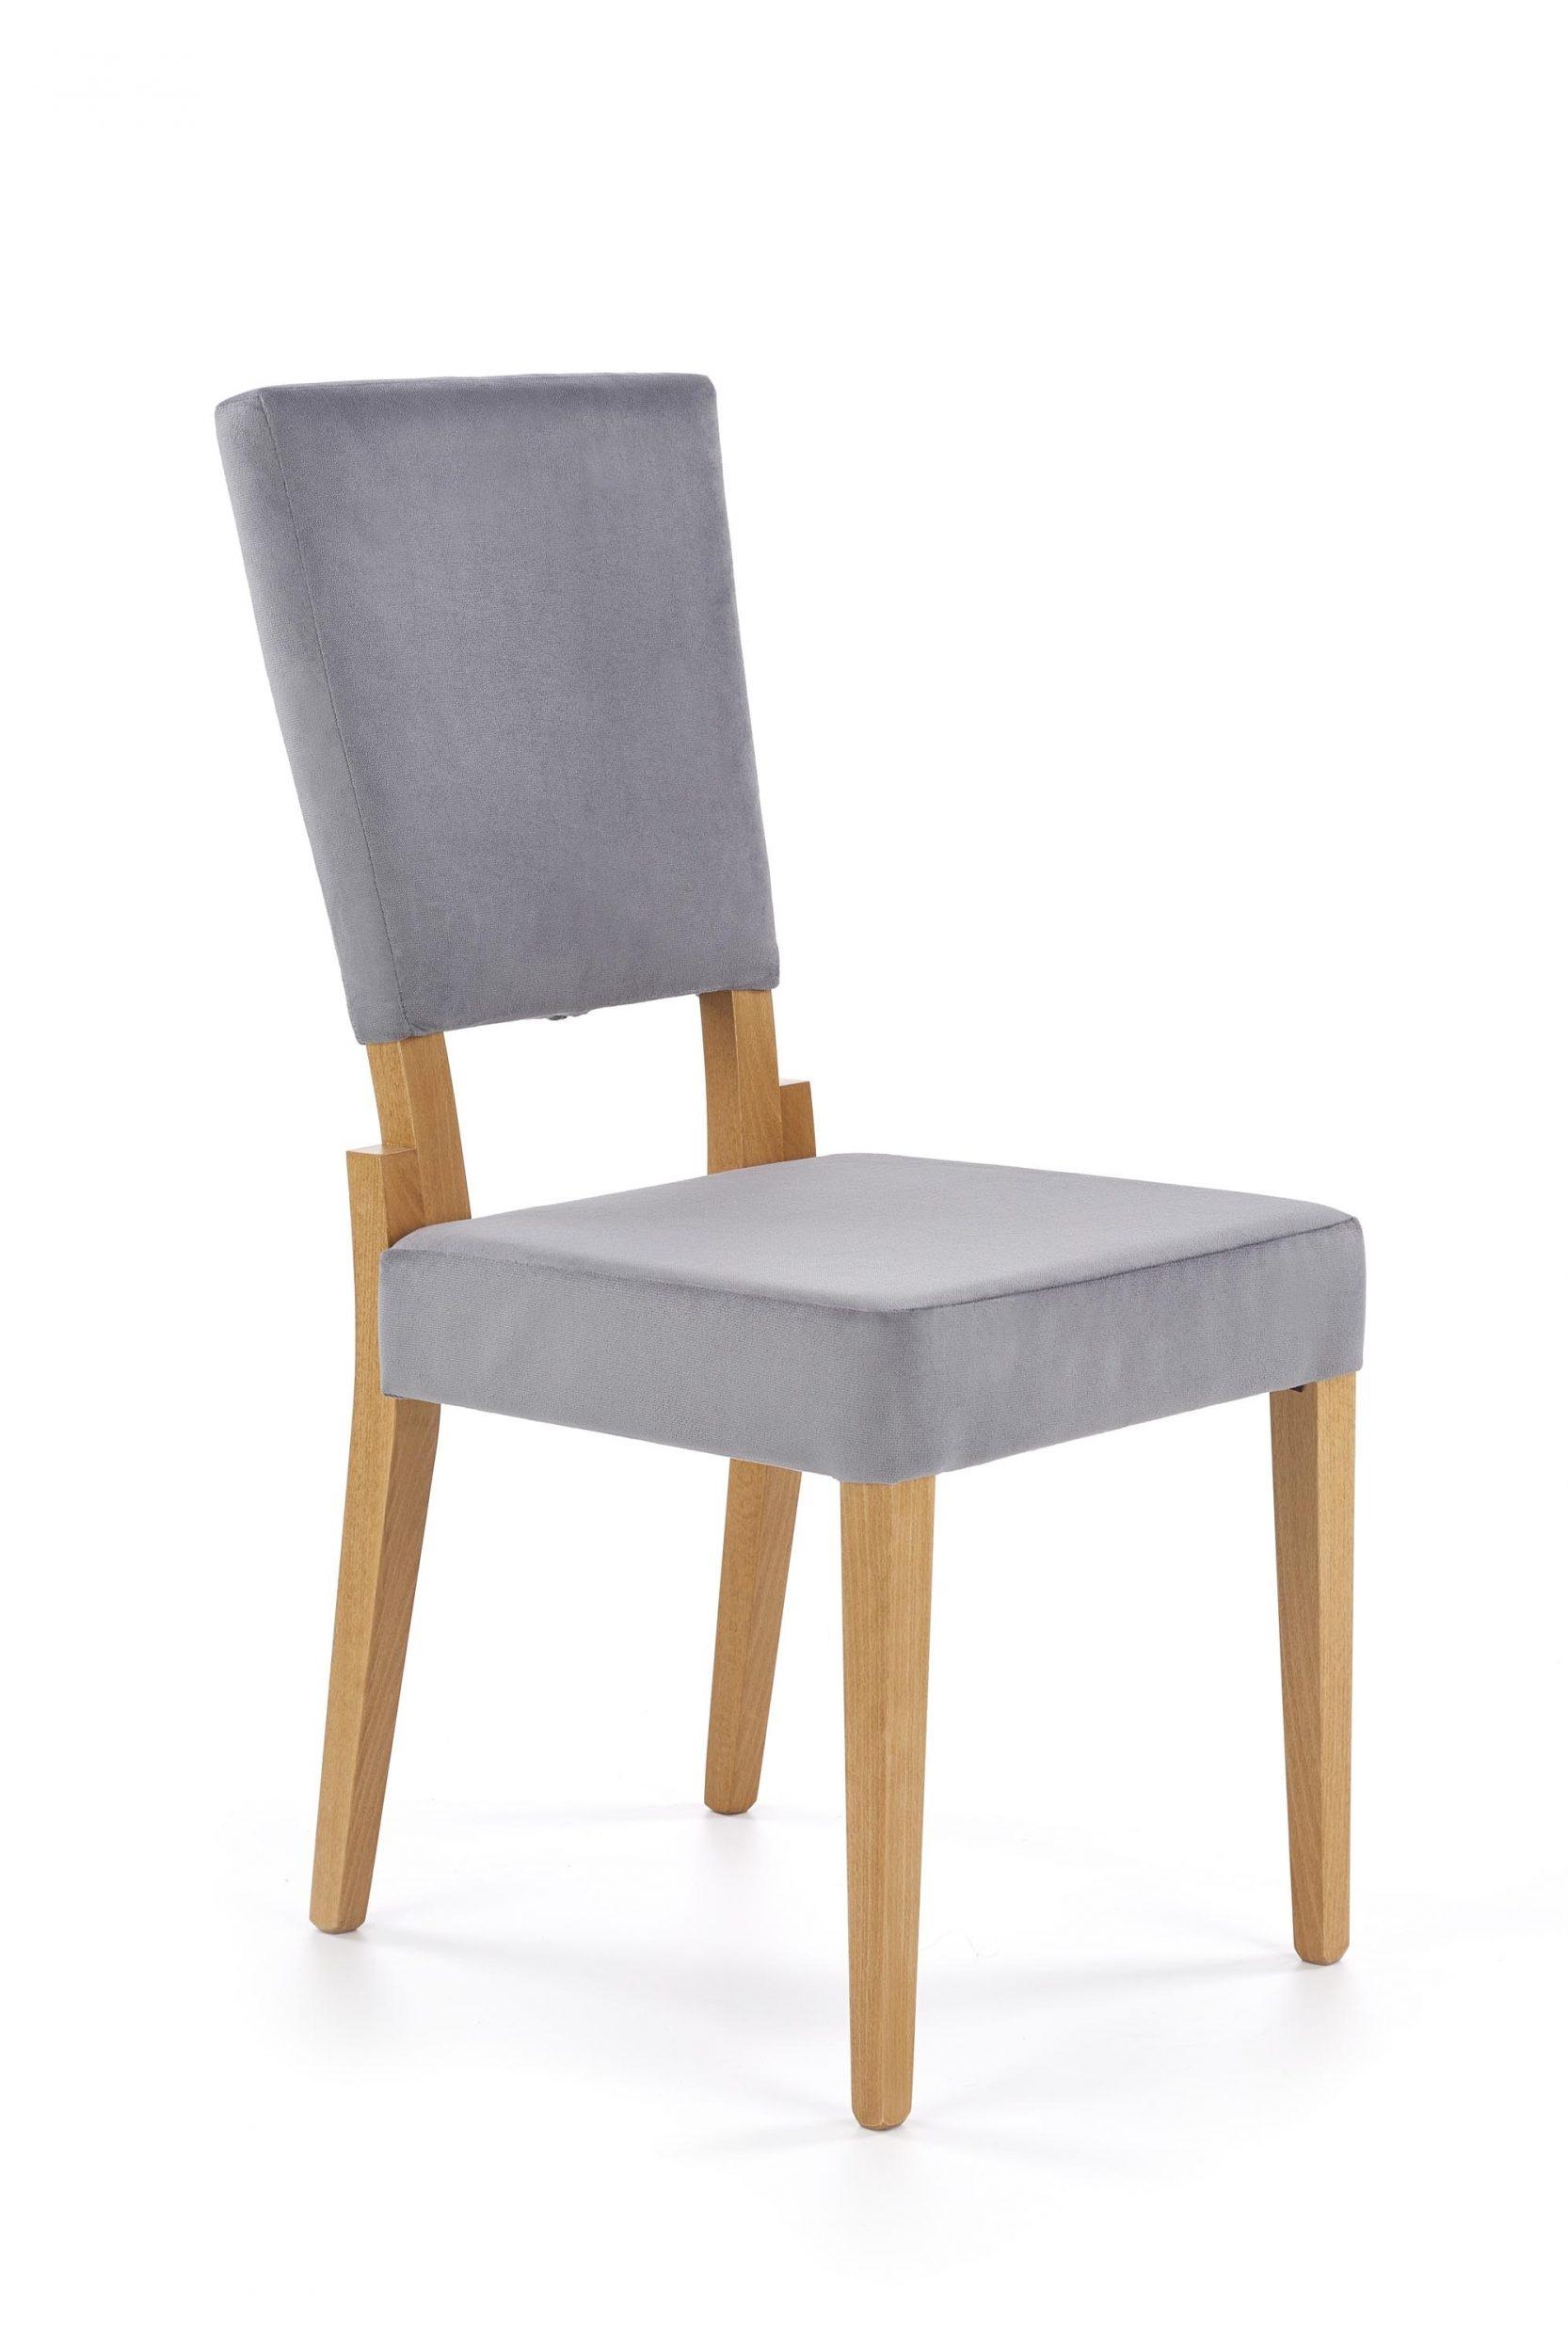 Scaun tapitat cu stofa, cu picioare din lemn Sorbus Gri / Stejar, l44xA57xH95 cm imagine